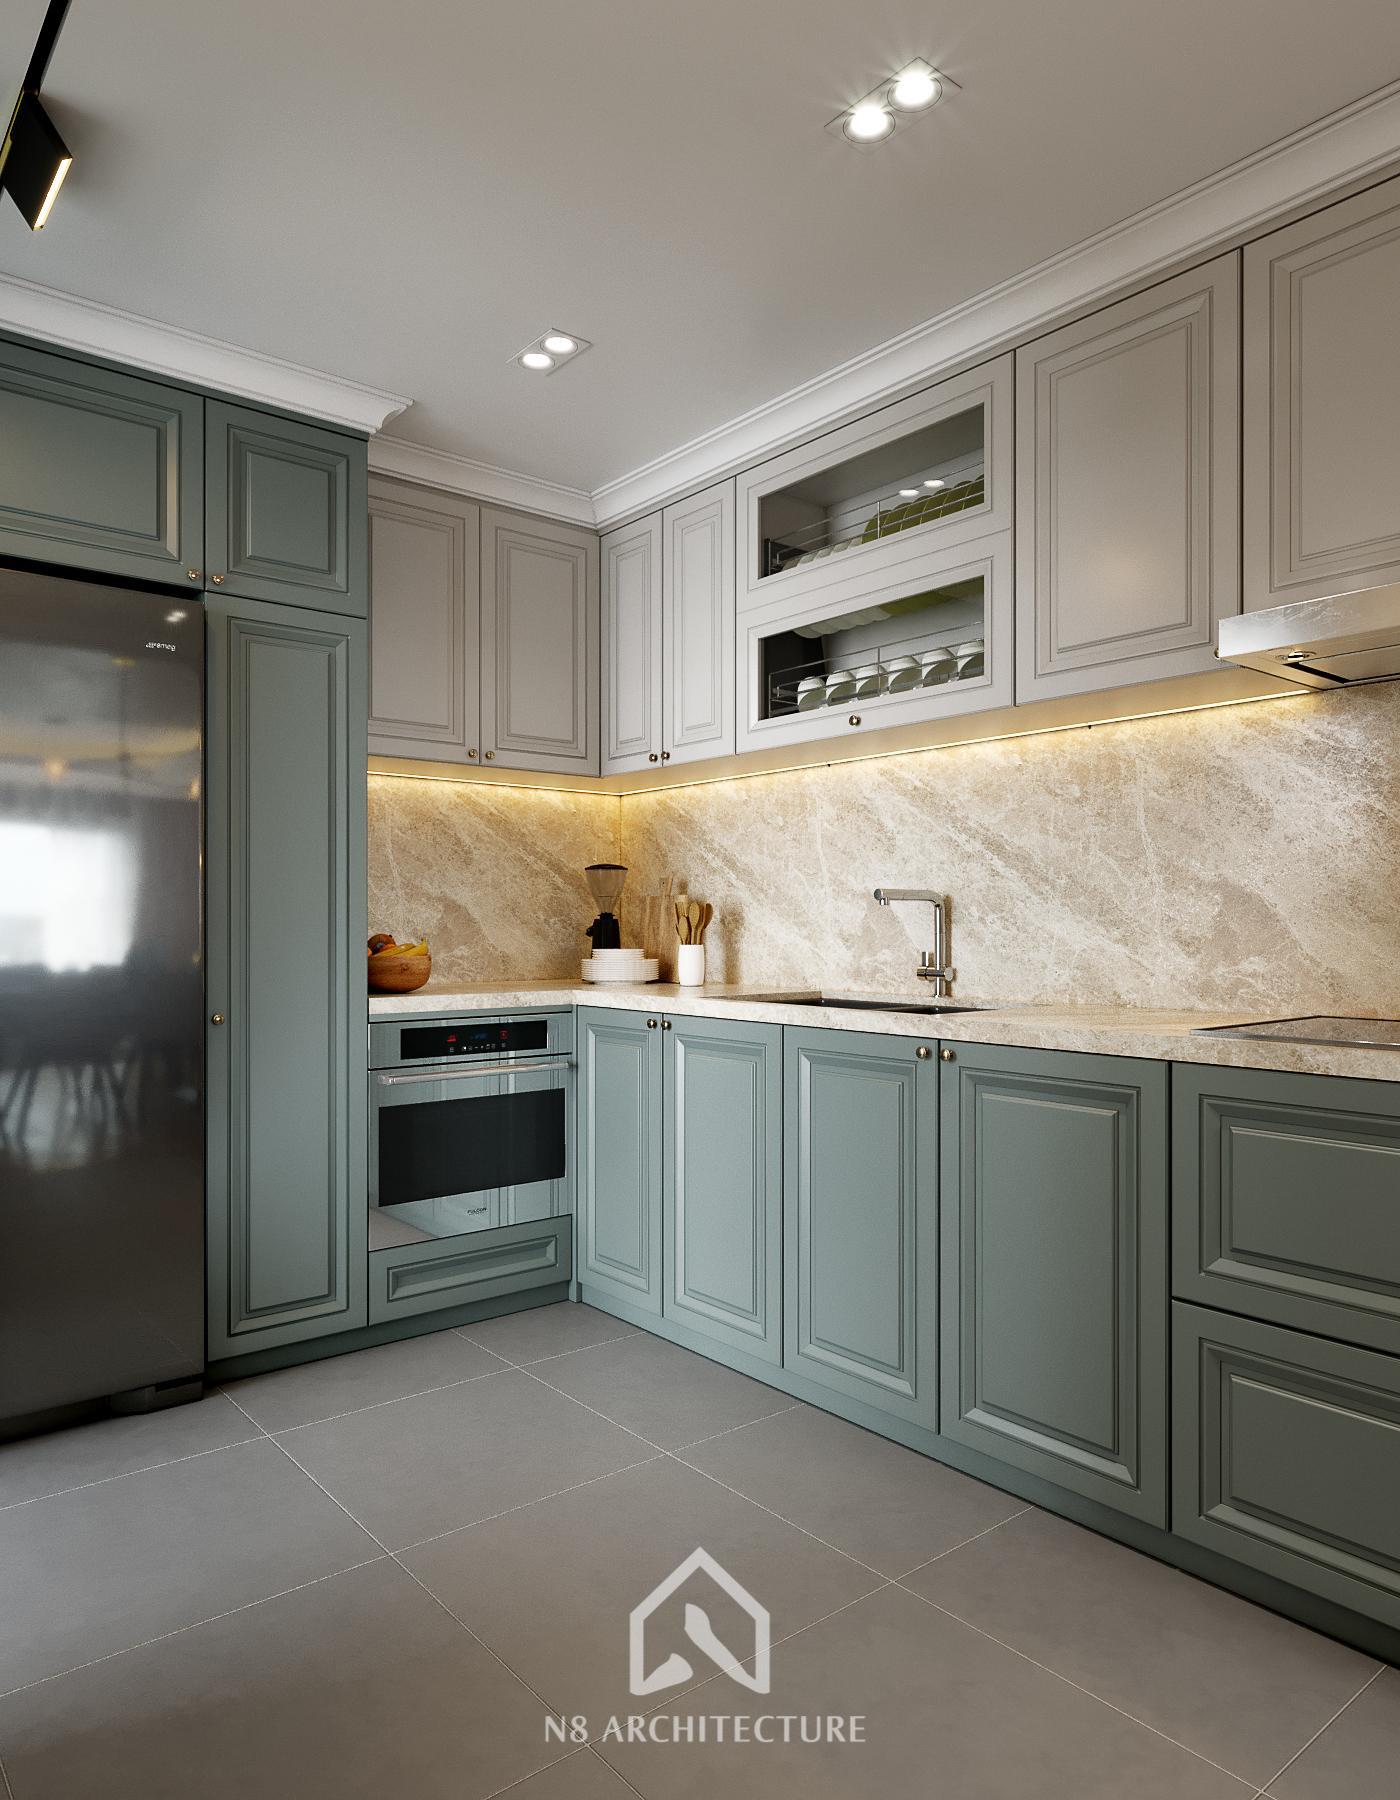 thiết kế nội thất bếp chung cư paragon 2